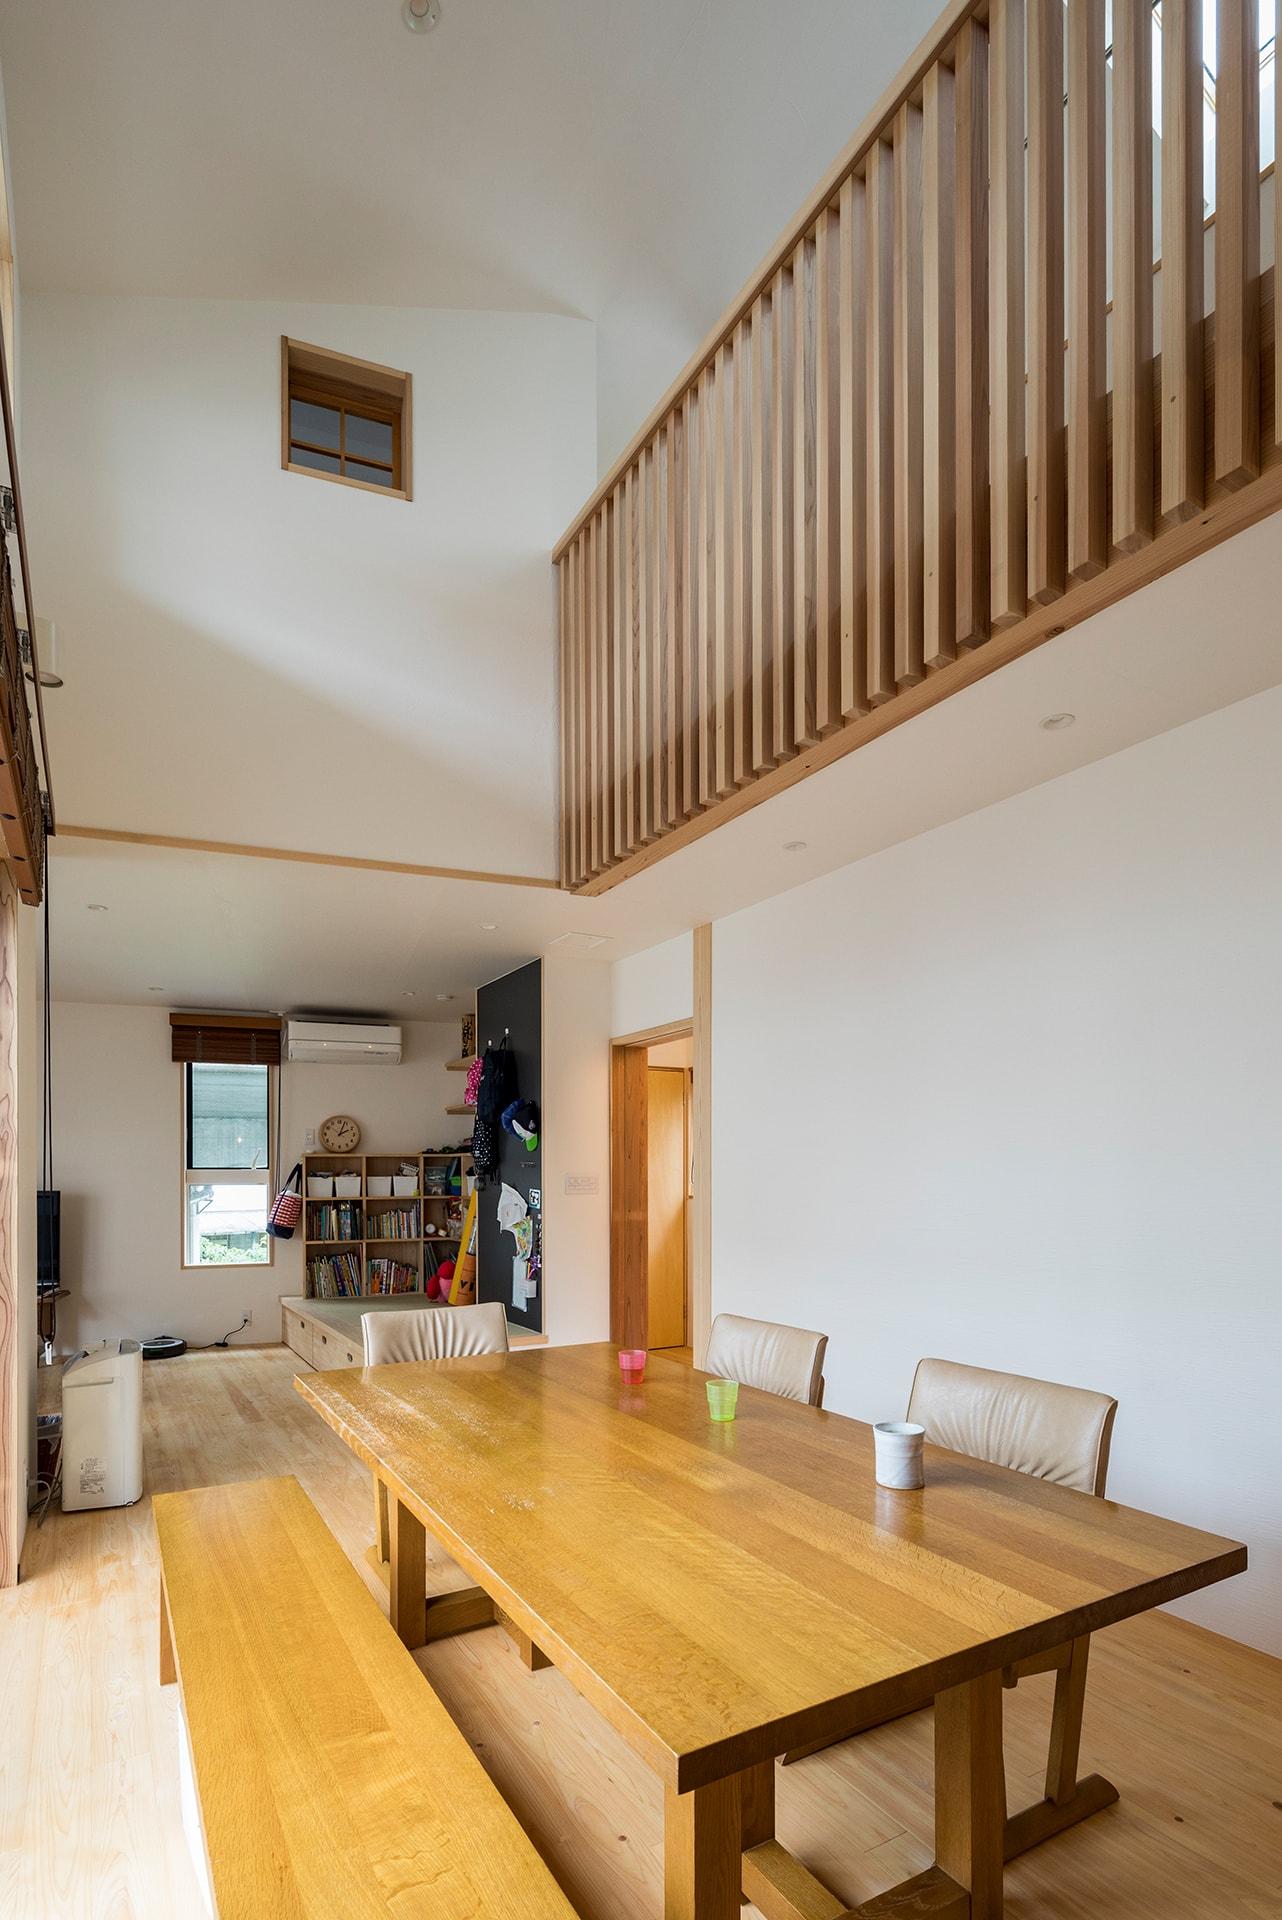 お父さんが伐った木の二世帯住宅 | こだわりの自然素材・天然素材の注文住宅・リフォームの駿河屋